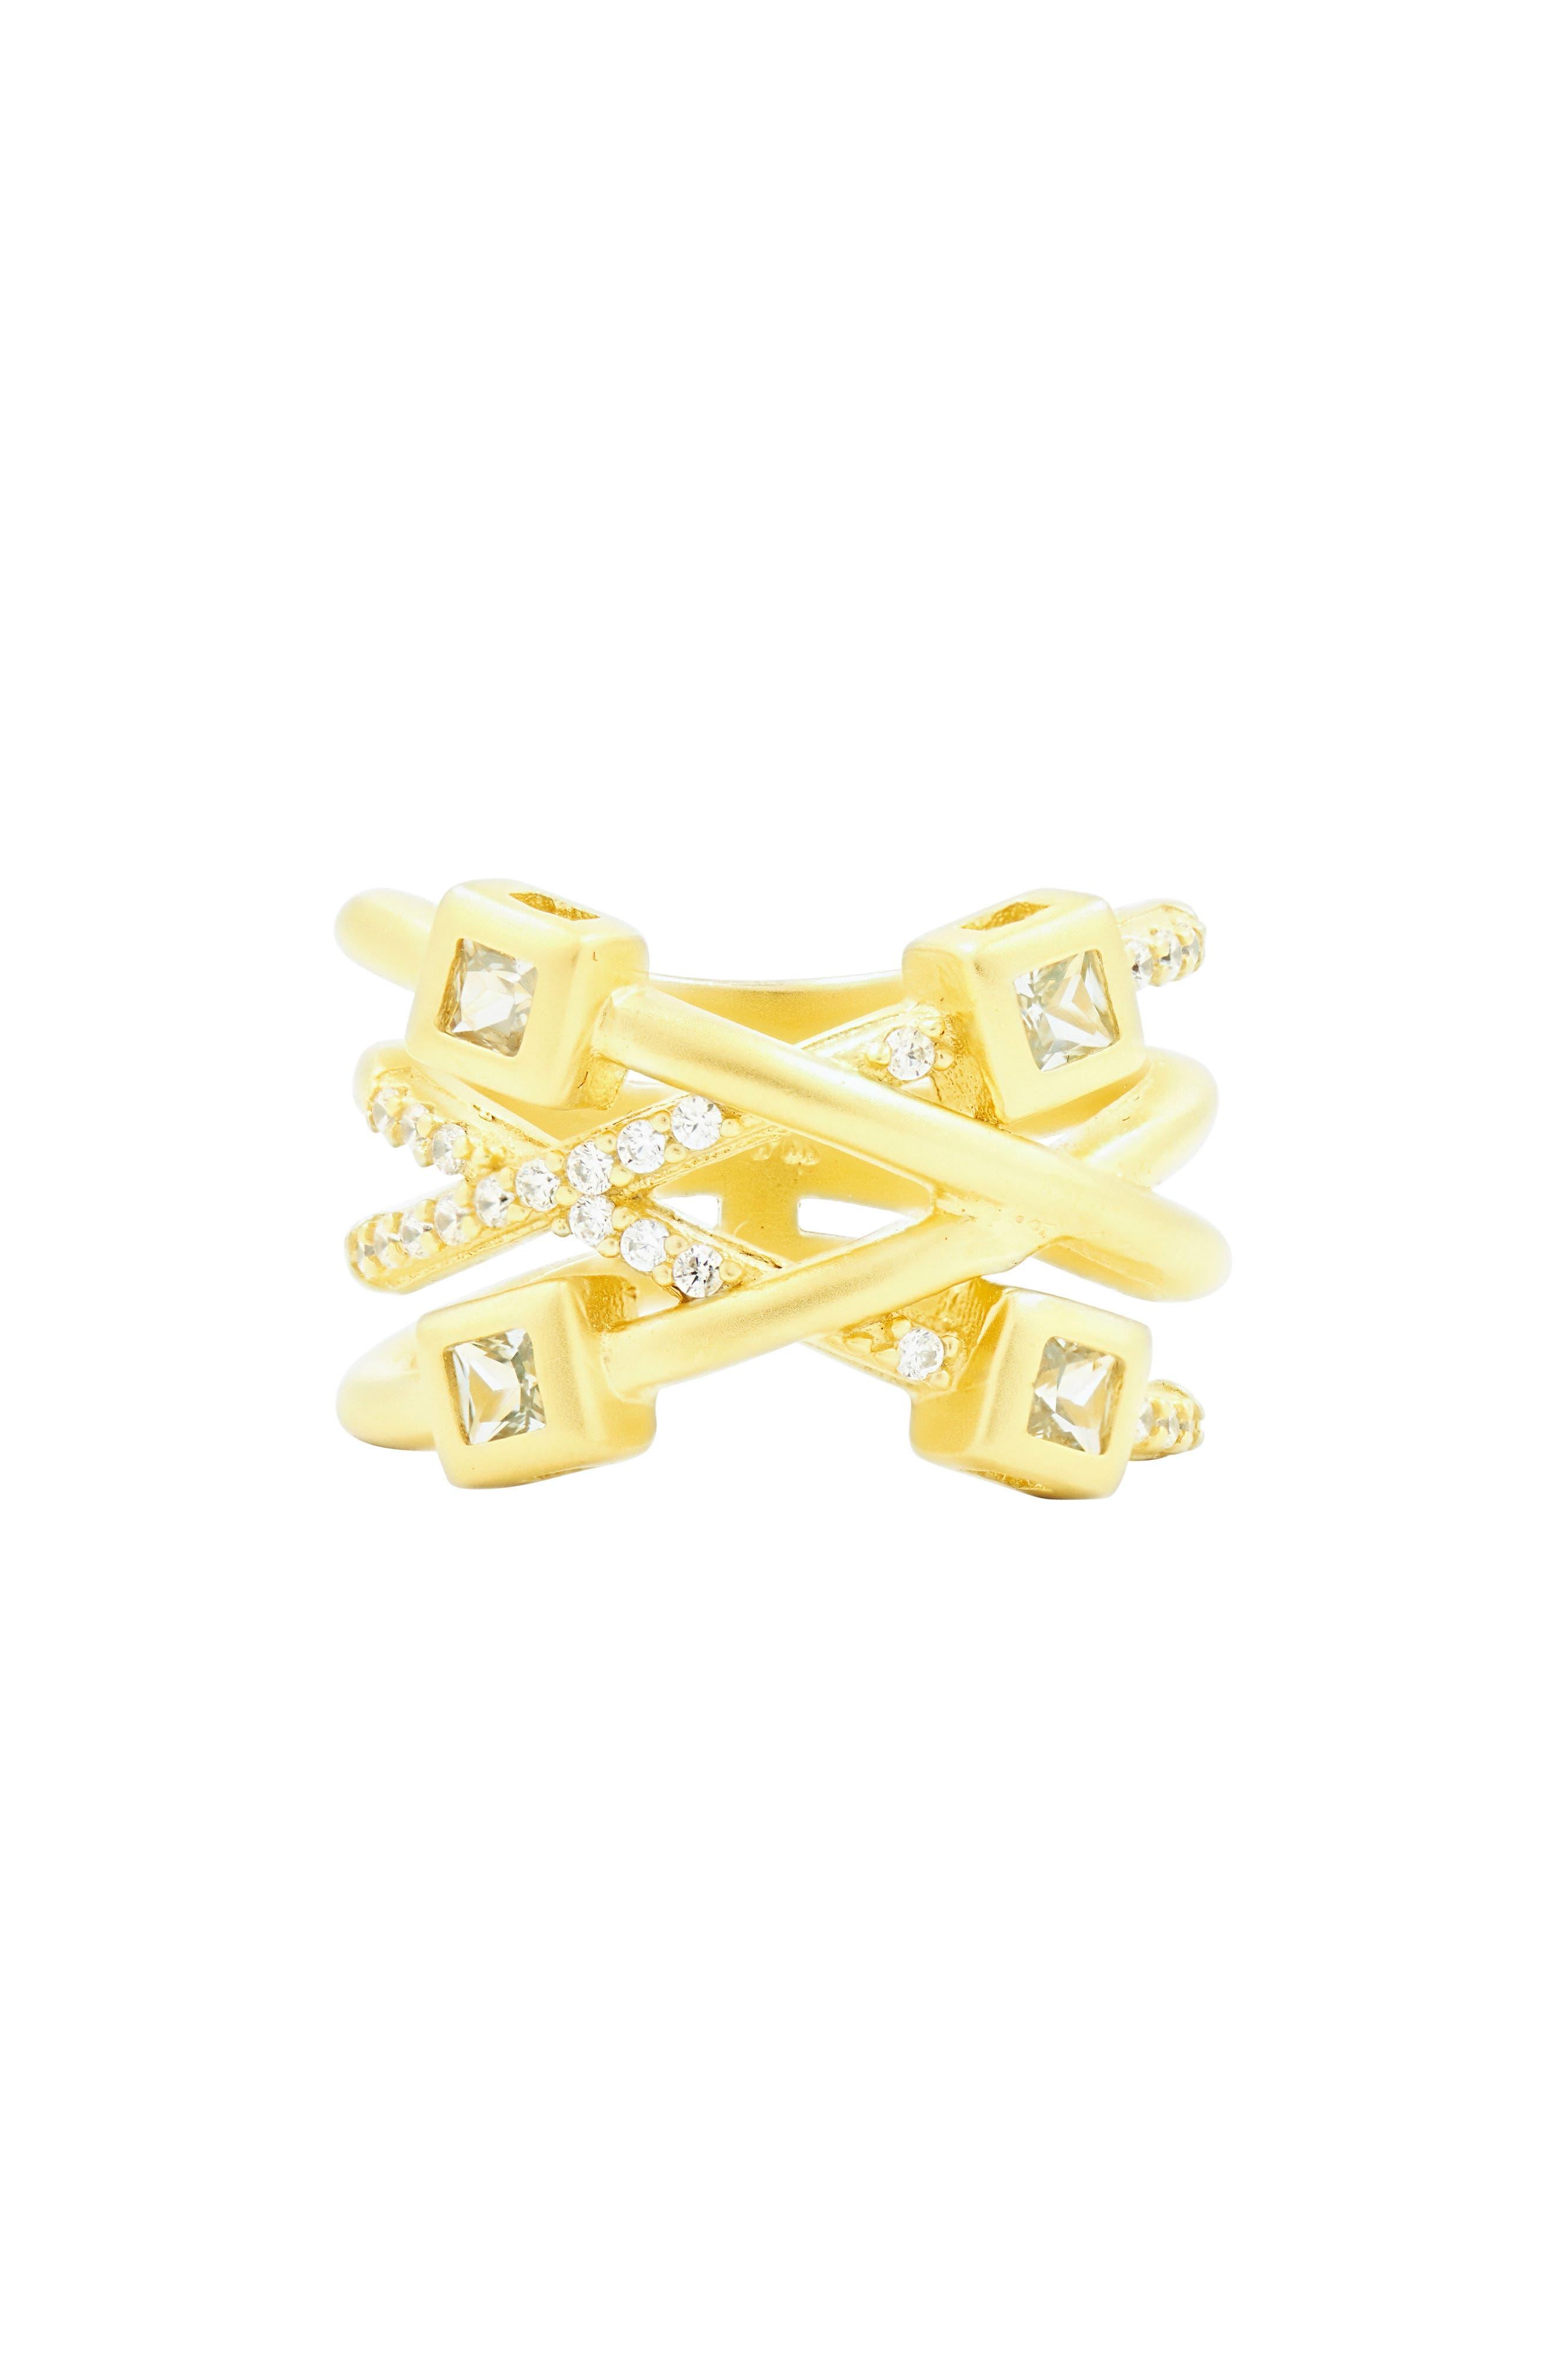 Ocean Azure Cubic Zirconia Ring,                             Main thumbnail 1, color,                             Gold/ Aqua